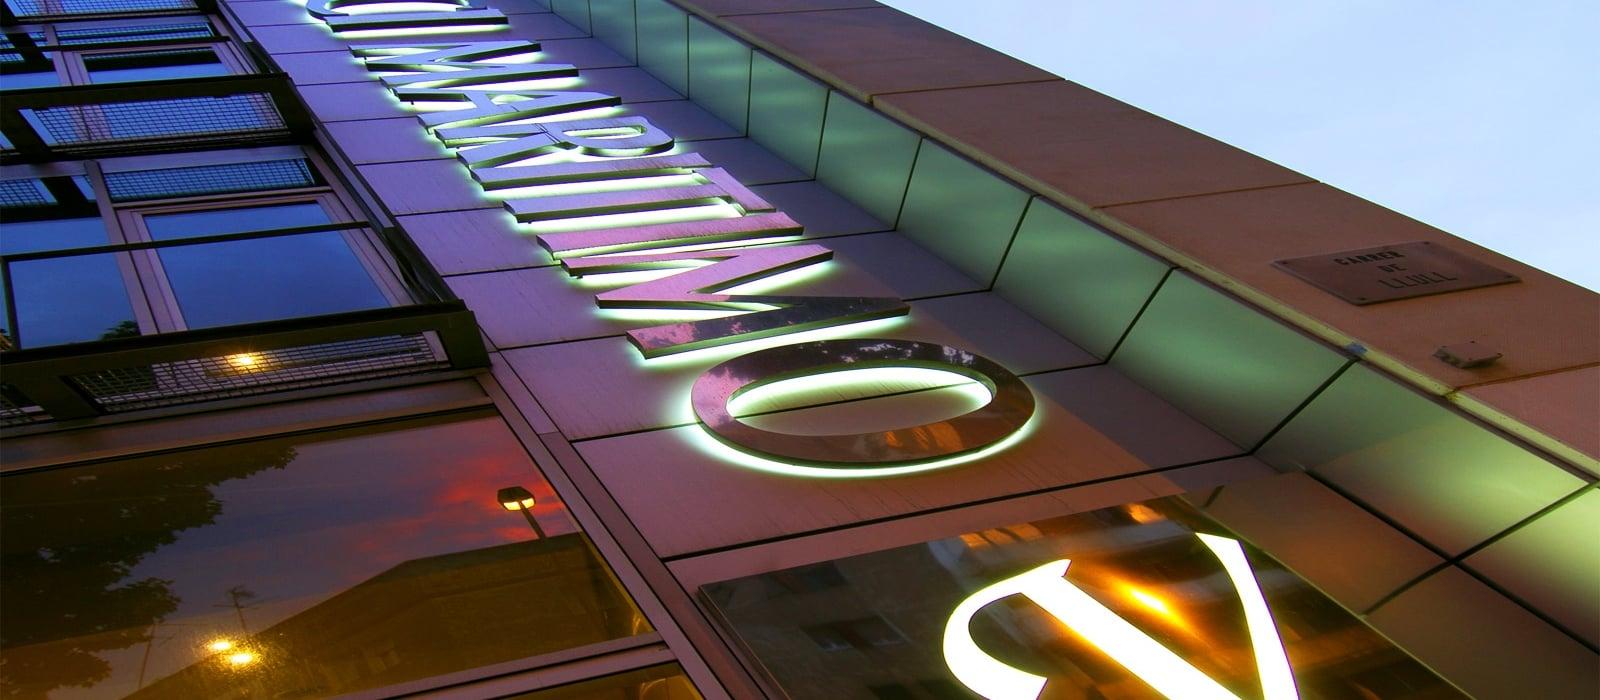 Fassade-Hotel Vincci Maritimo Barcelona